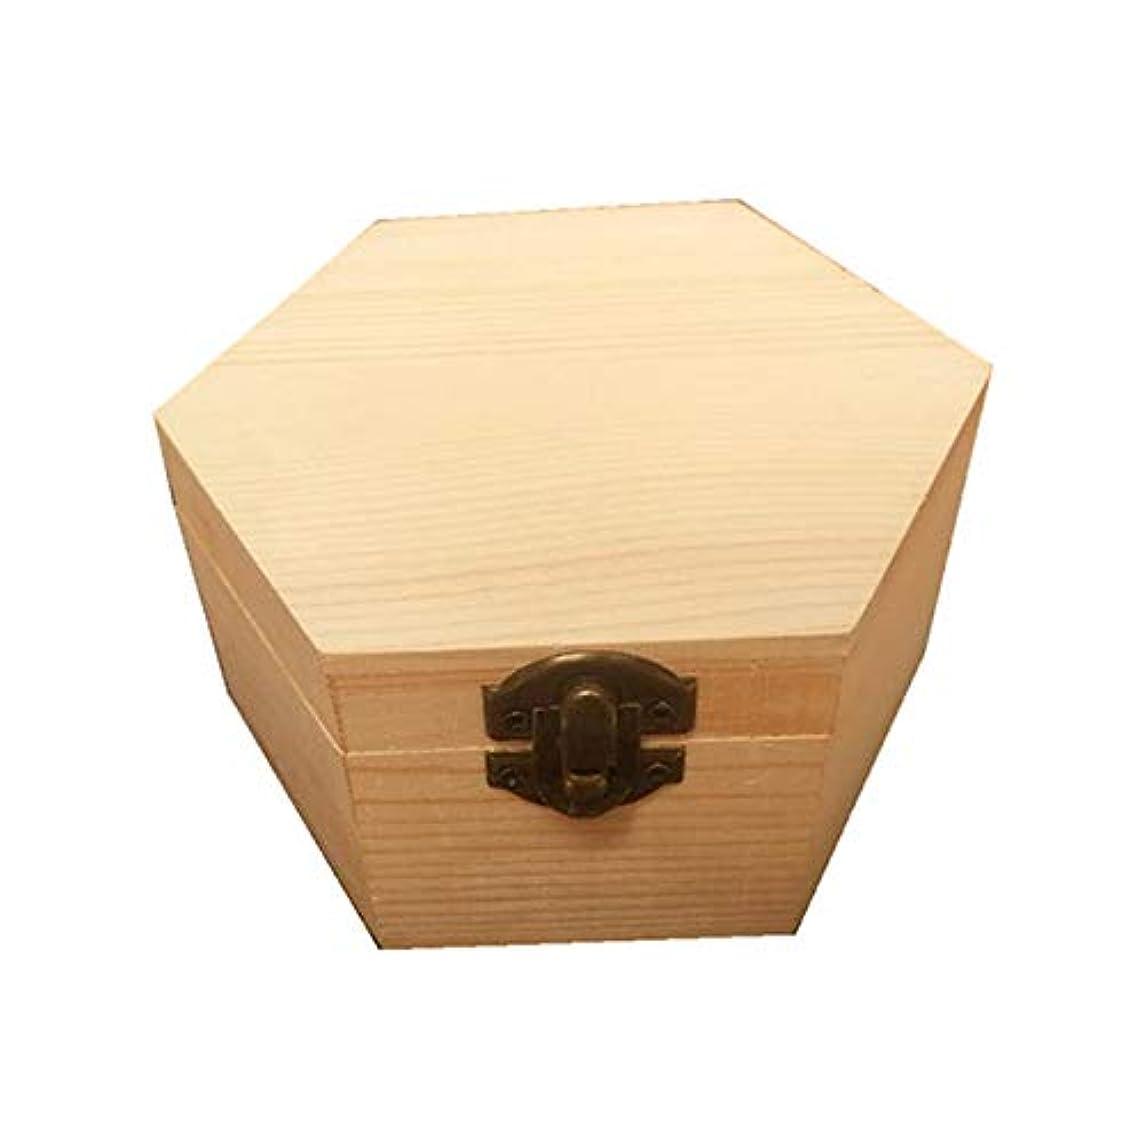 裸候補者ビヨン手作りの木製ギフトボックスパーフェクトエッセンシャルオイルケースにエッセンシャルオイル アロマセラピー製品 (色 : Natural, サイズ : 13X11.3X6.8CM)